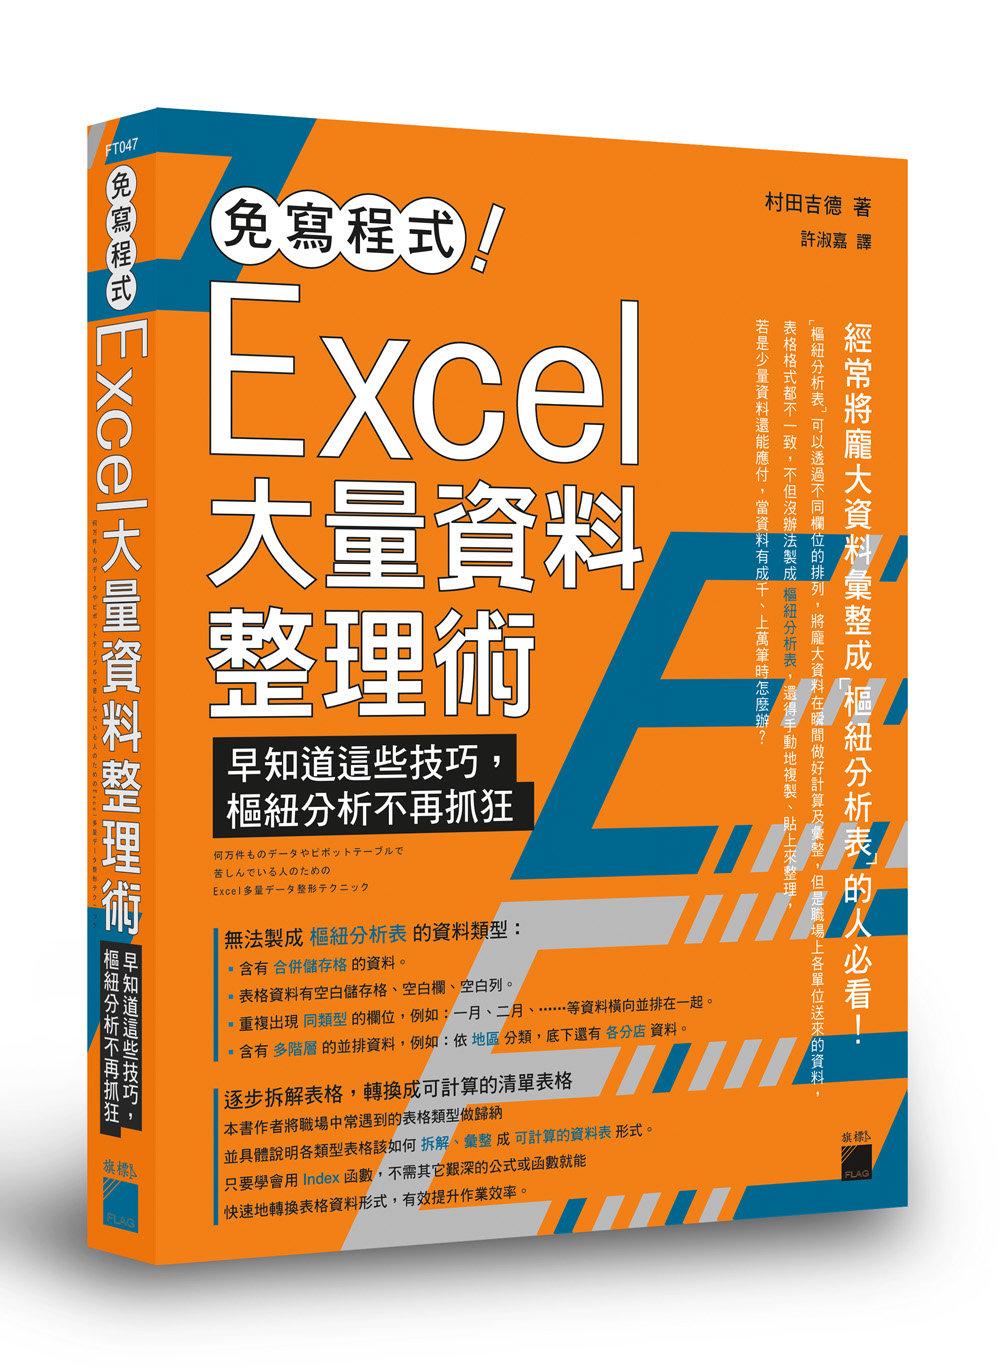 免寫程式!Excel 大量資料整理術:早知道這些技巧,樞紐分析不再抓狂-preview-1